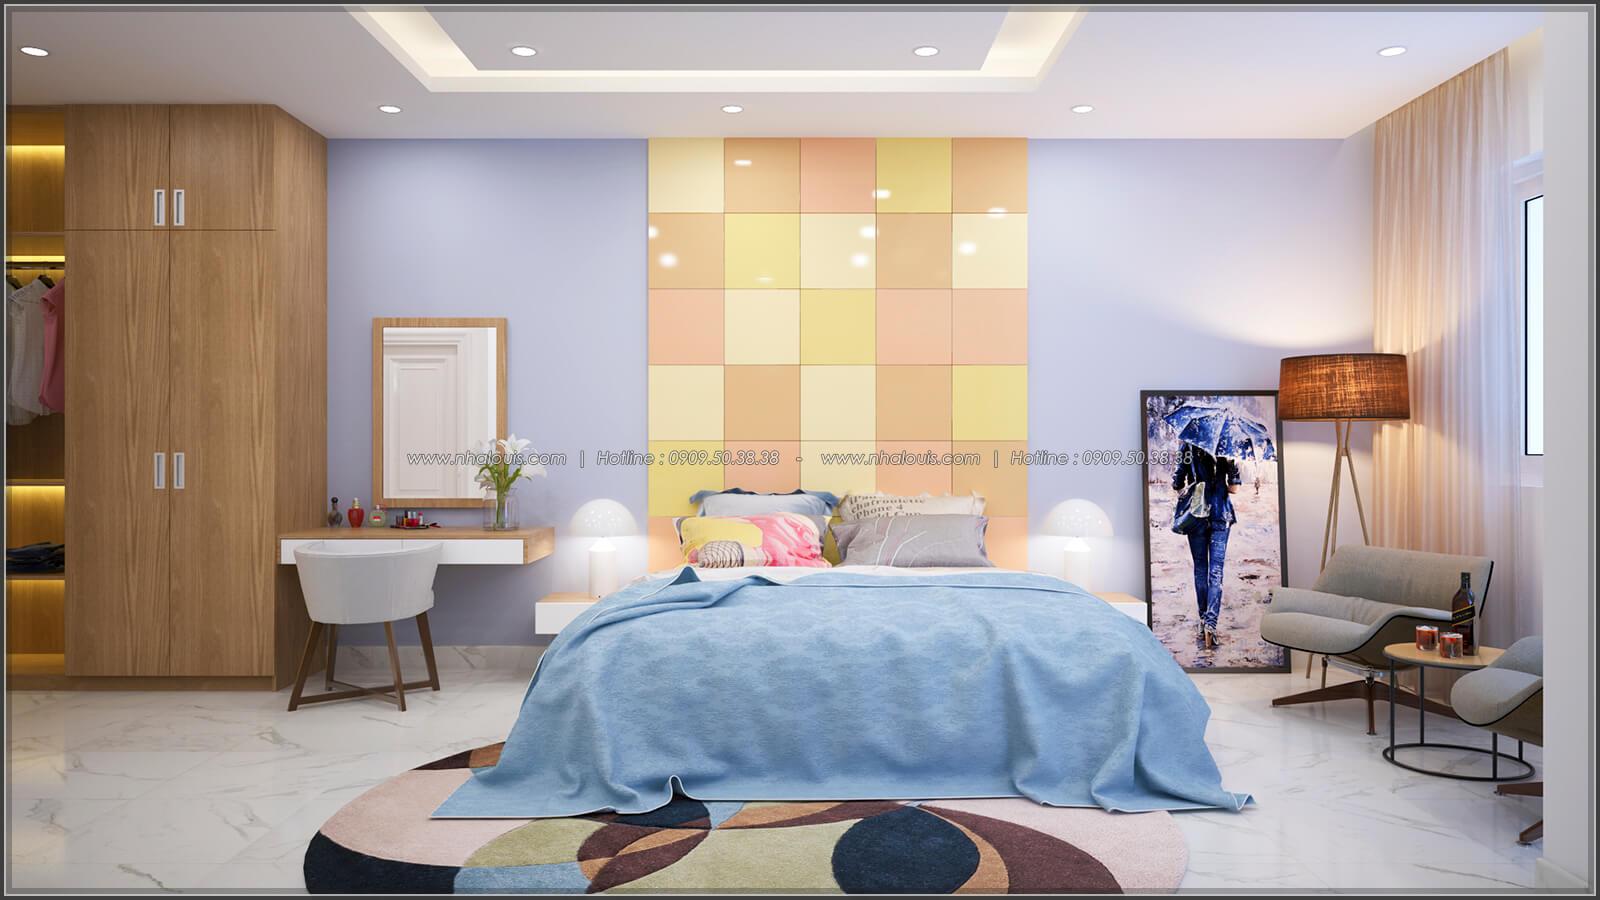 Phòng ngủ Thiết kế nhà ở kết hợp kinh doanh với master sang chảnh quận 8 - 9